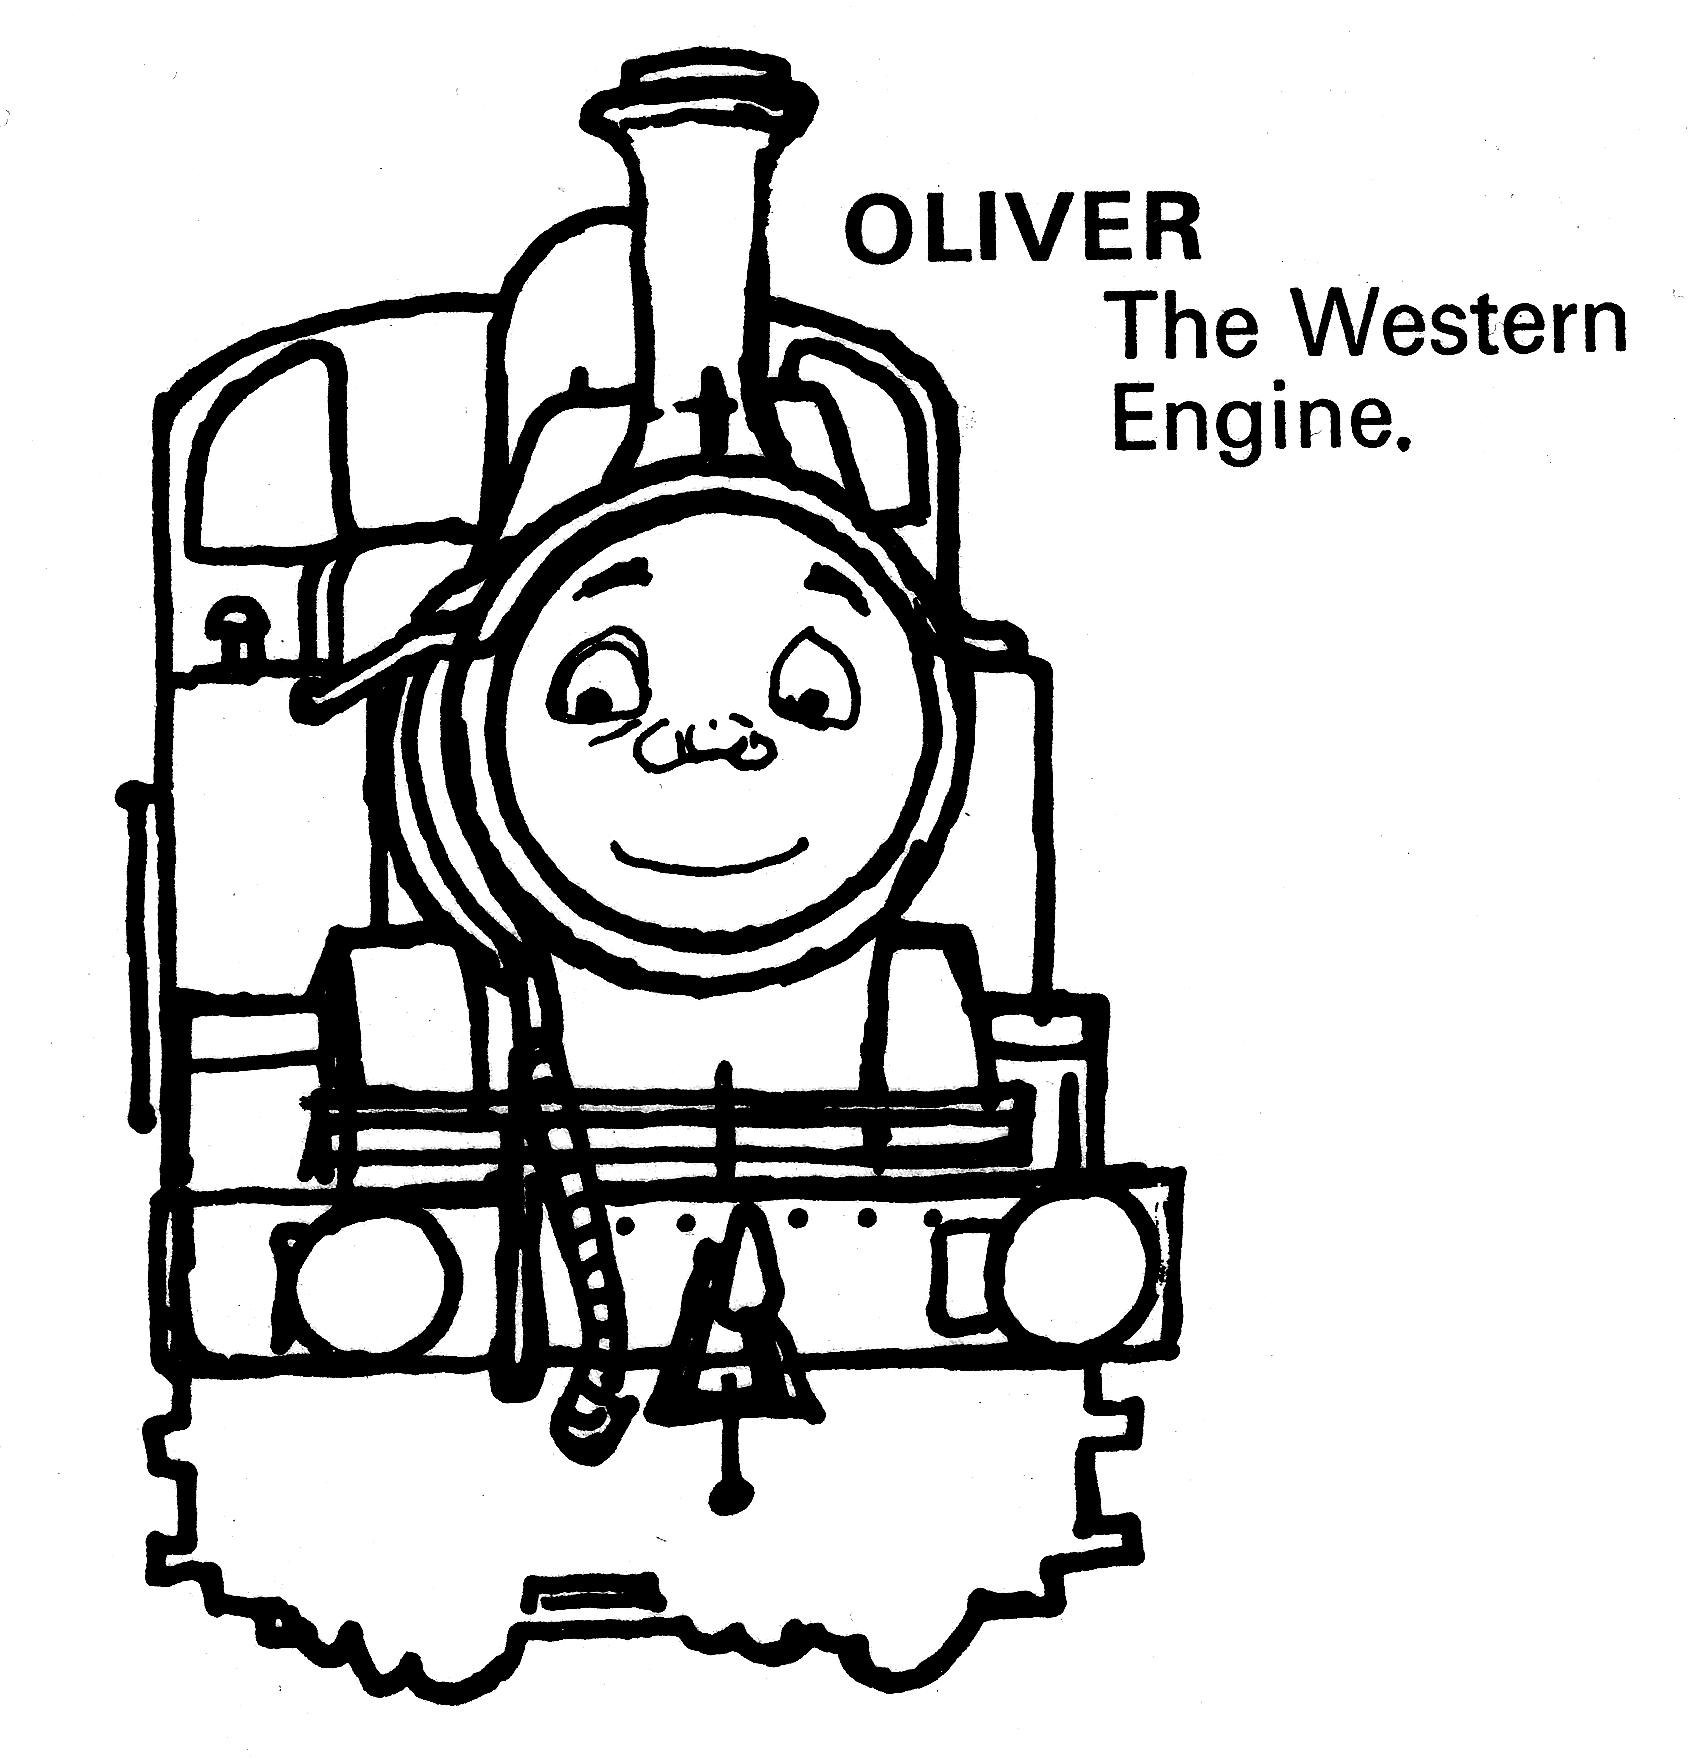 File:OliverSurprisePacket.png